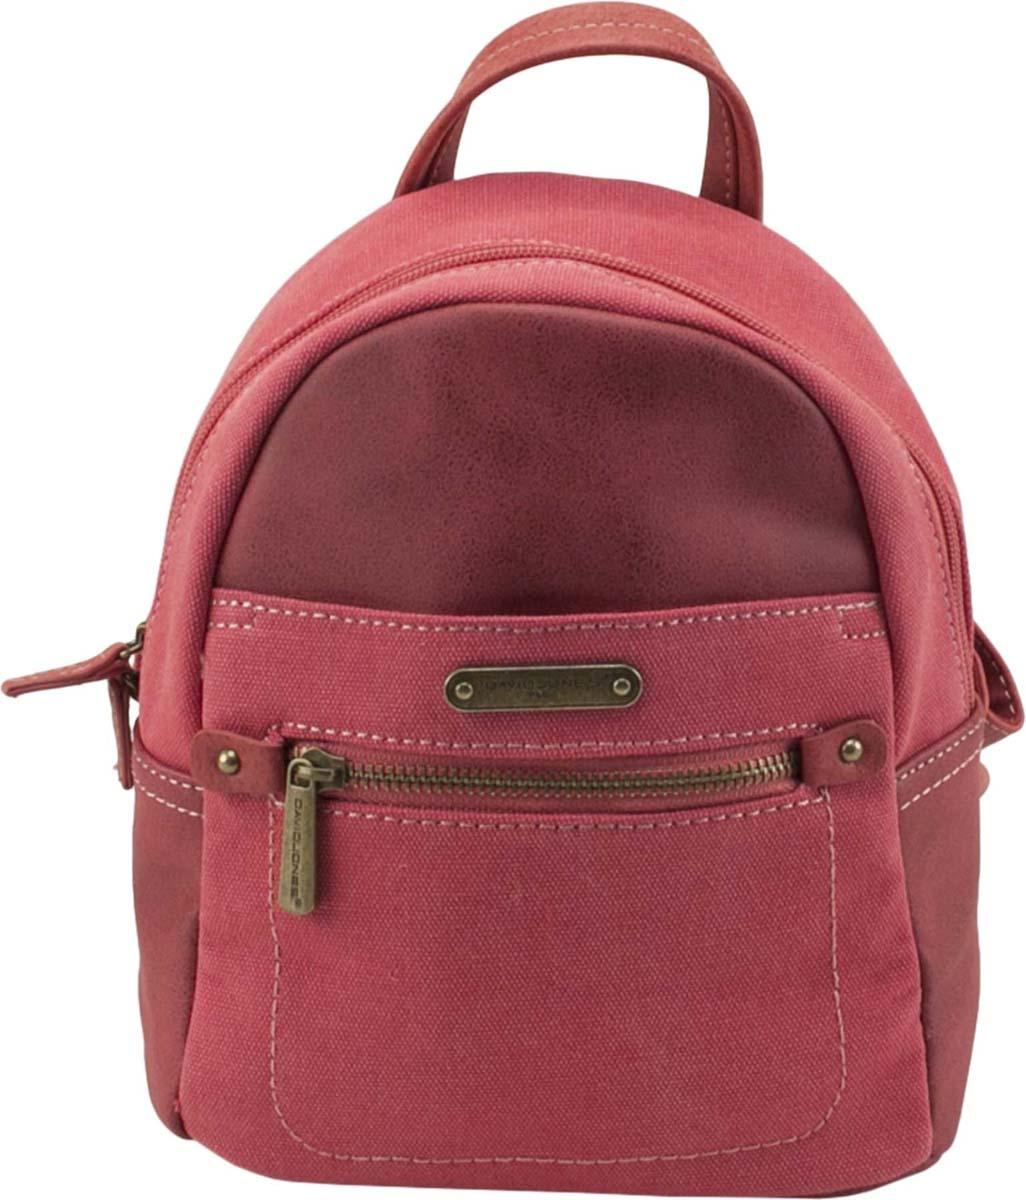 Рюкзак женский David Jones, цвет: красный. 5761-3 ROSE/RED сумка david jones david jones da919bwtnl50